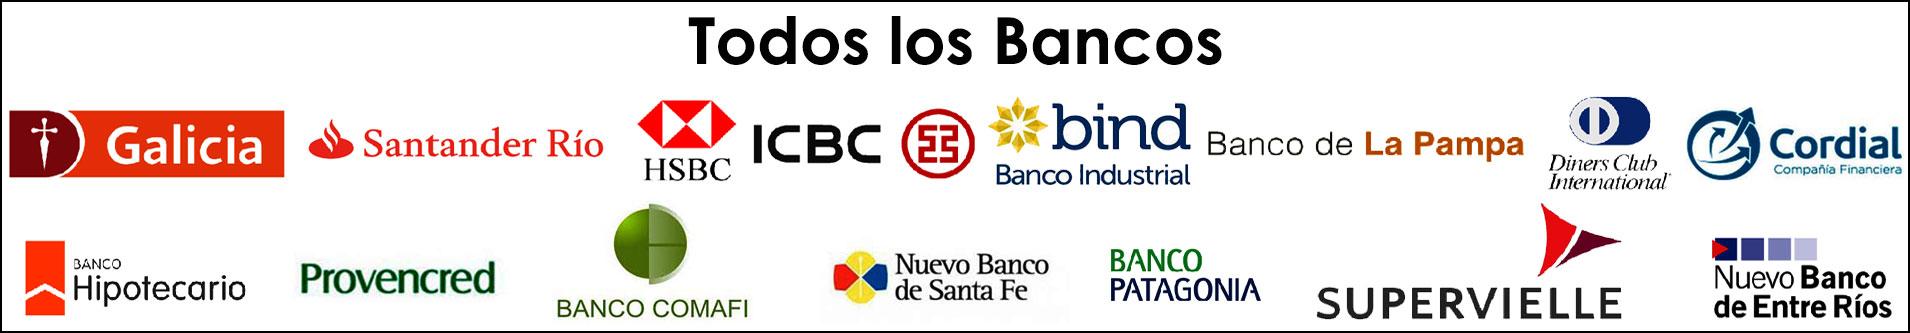 Slider-Mercadopago-Todos-los-Bancos